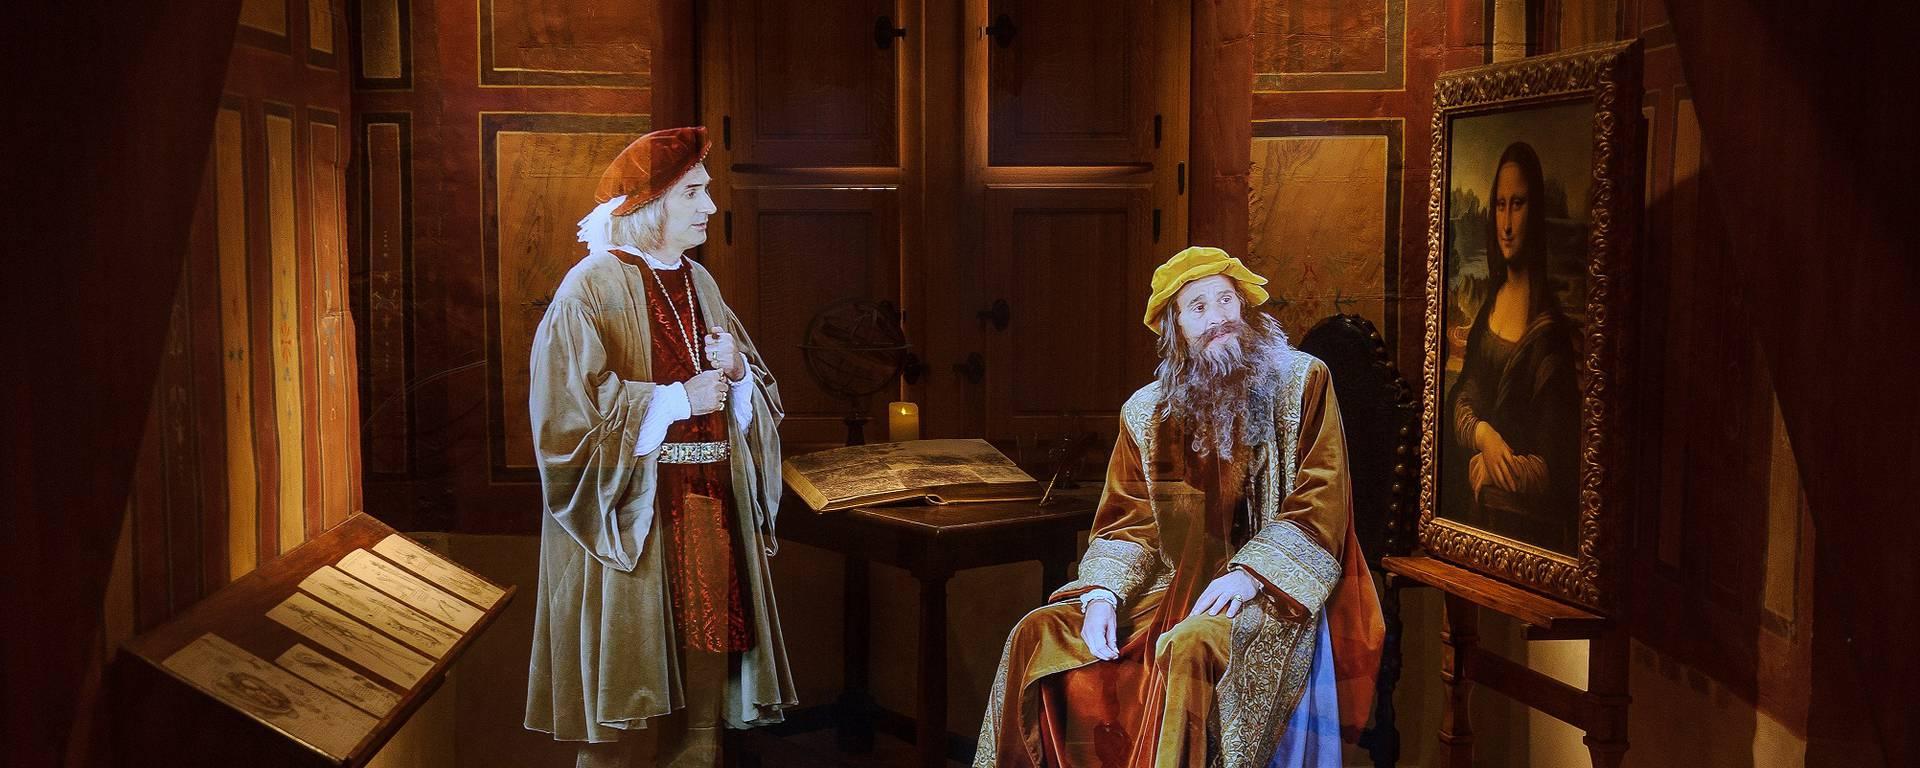 Hologramm Leonardo da Vincis im Schloss Clos Lucé